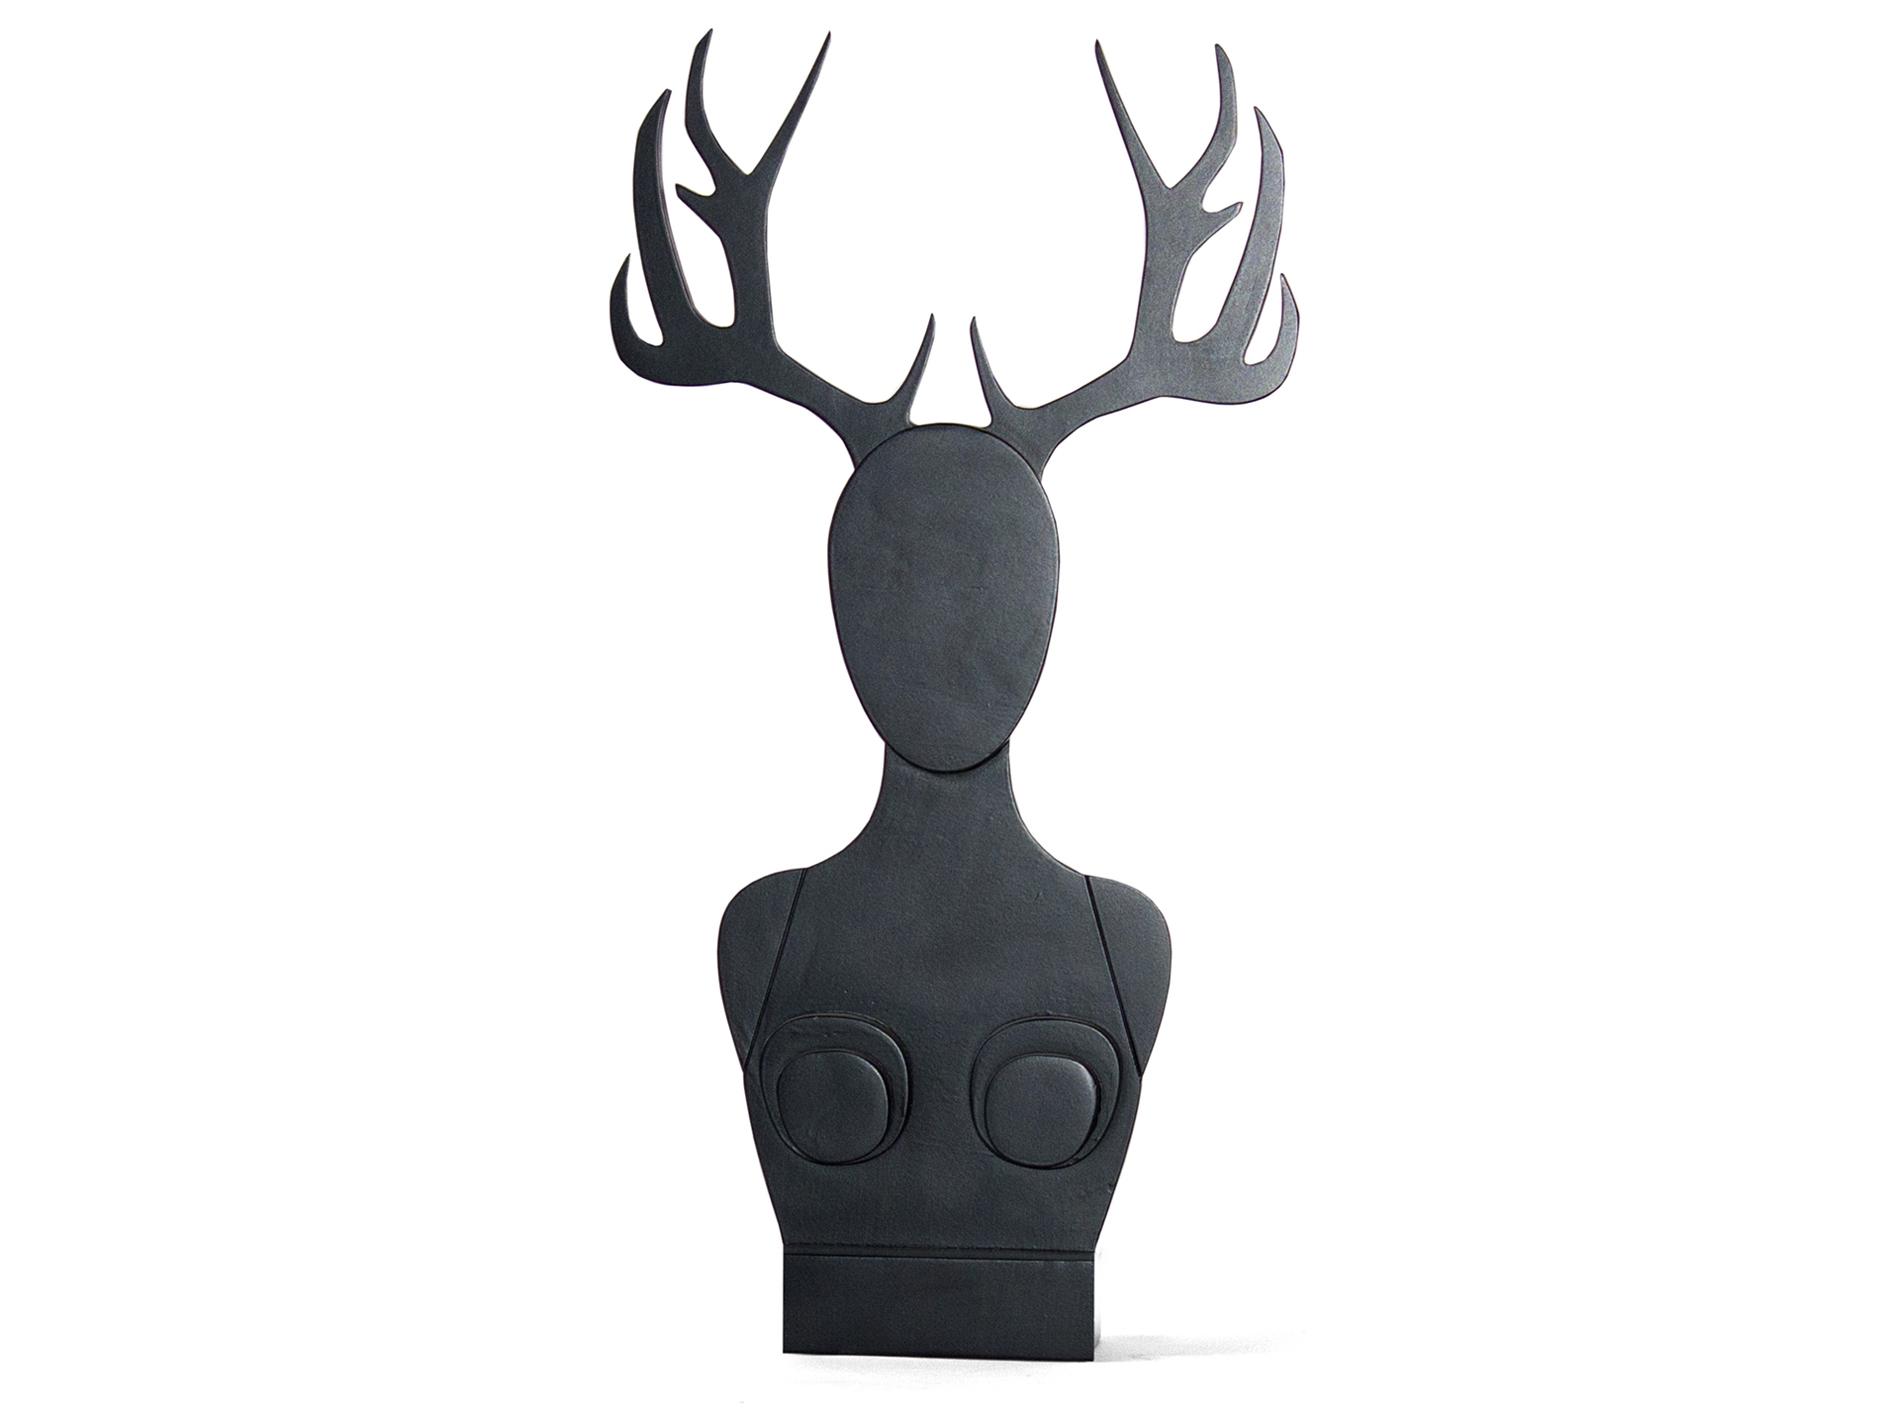 Бюст для бижутерии с зеркалом Girl Horn Mirror 4Хранение украшений<br>Конечно можно использовать эту рогатую скульптуру для хранения на ней украшений, но она прекрасна и в качестве совершенно самостоятельного предмета интерьера. Материал: березовая фанера, колерованый водный лак, зеркало. Доступны различные варианты отделки, рога можно заказать на выбор, стоимость необходимо уточнять.<br>Срок изготовления: 4-5 недель.<br><br>Material: Фанера<br>Высота см: 89